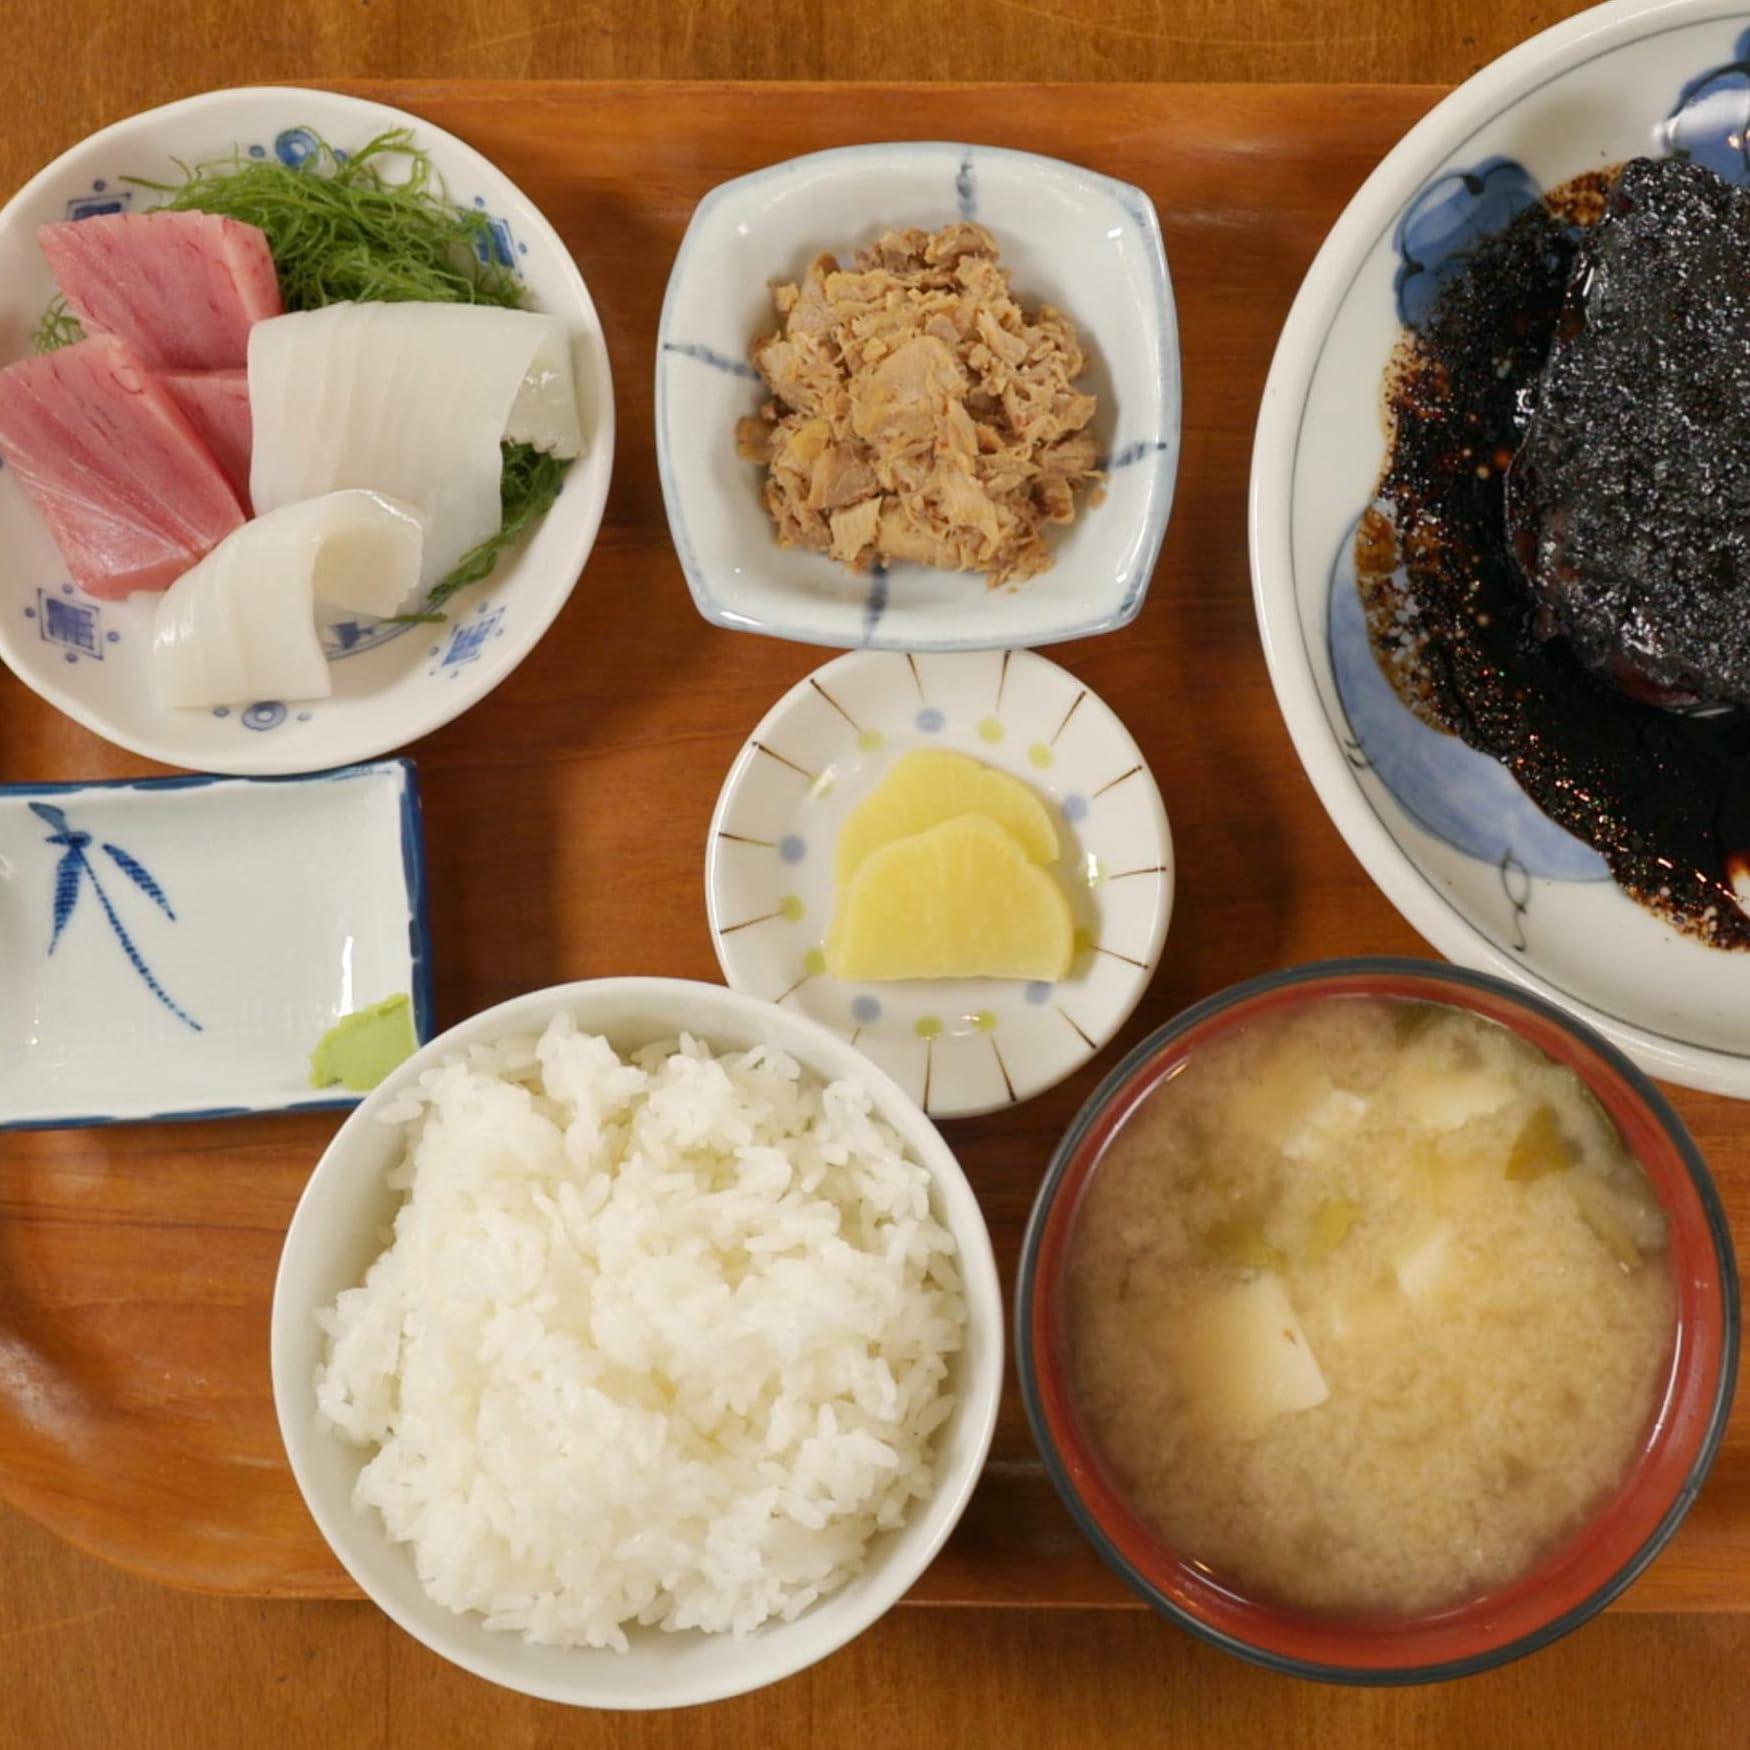 孤独のグルメ Ipad壁紙 千葉県浦安市の真っ黒な銀だらの煮付定食 その他 スマホ用画像